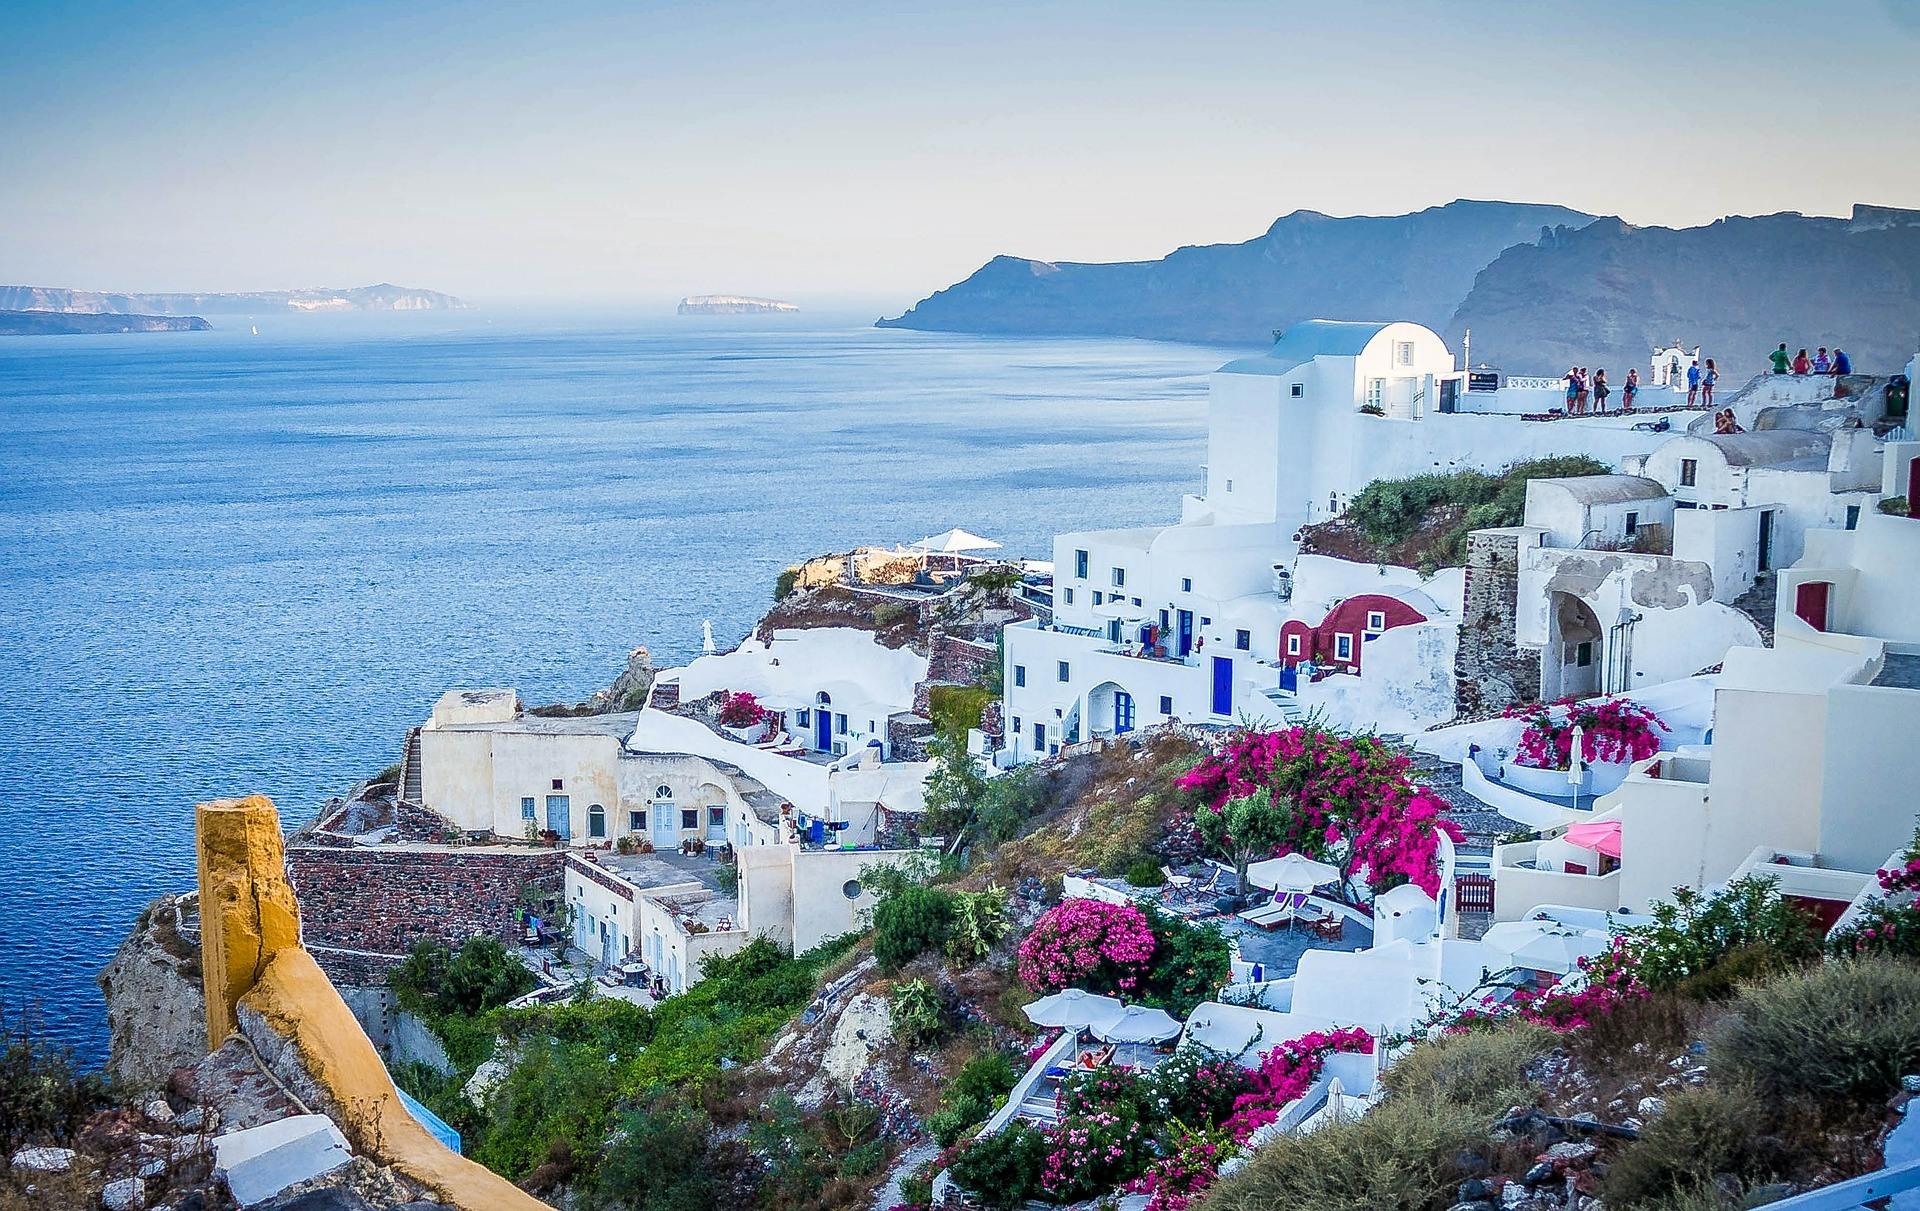 Le meilleur choix de vêtements pour un voyage en Grèce